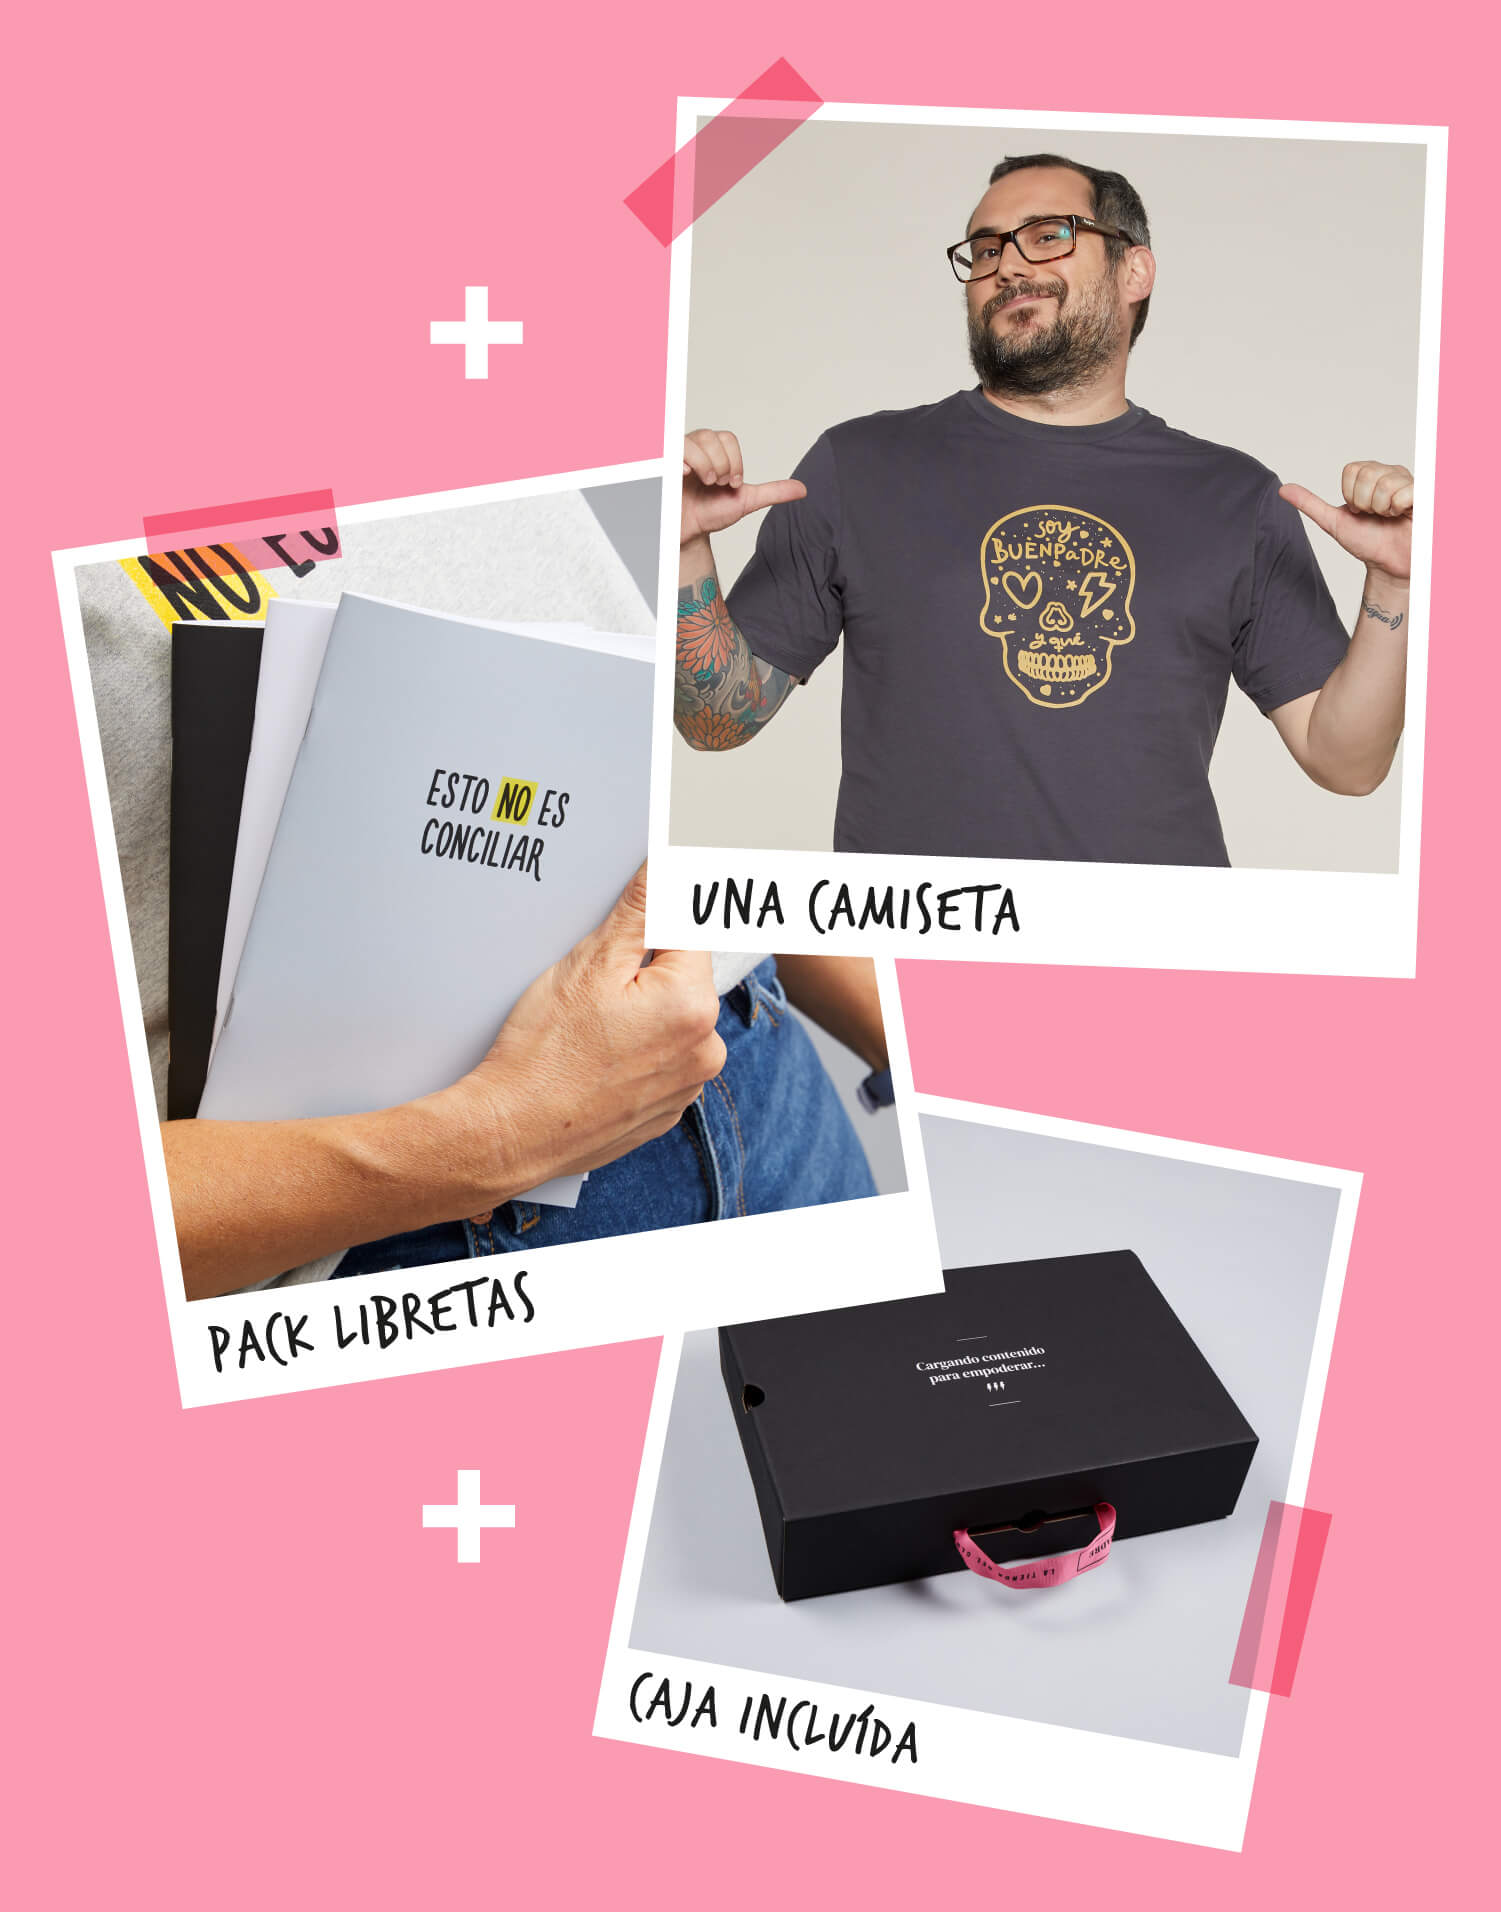 Kit Camiseta + Pack de libretas para los buenospadres que hacen equipo